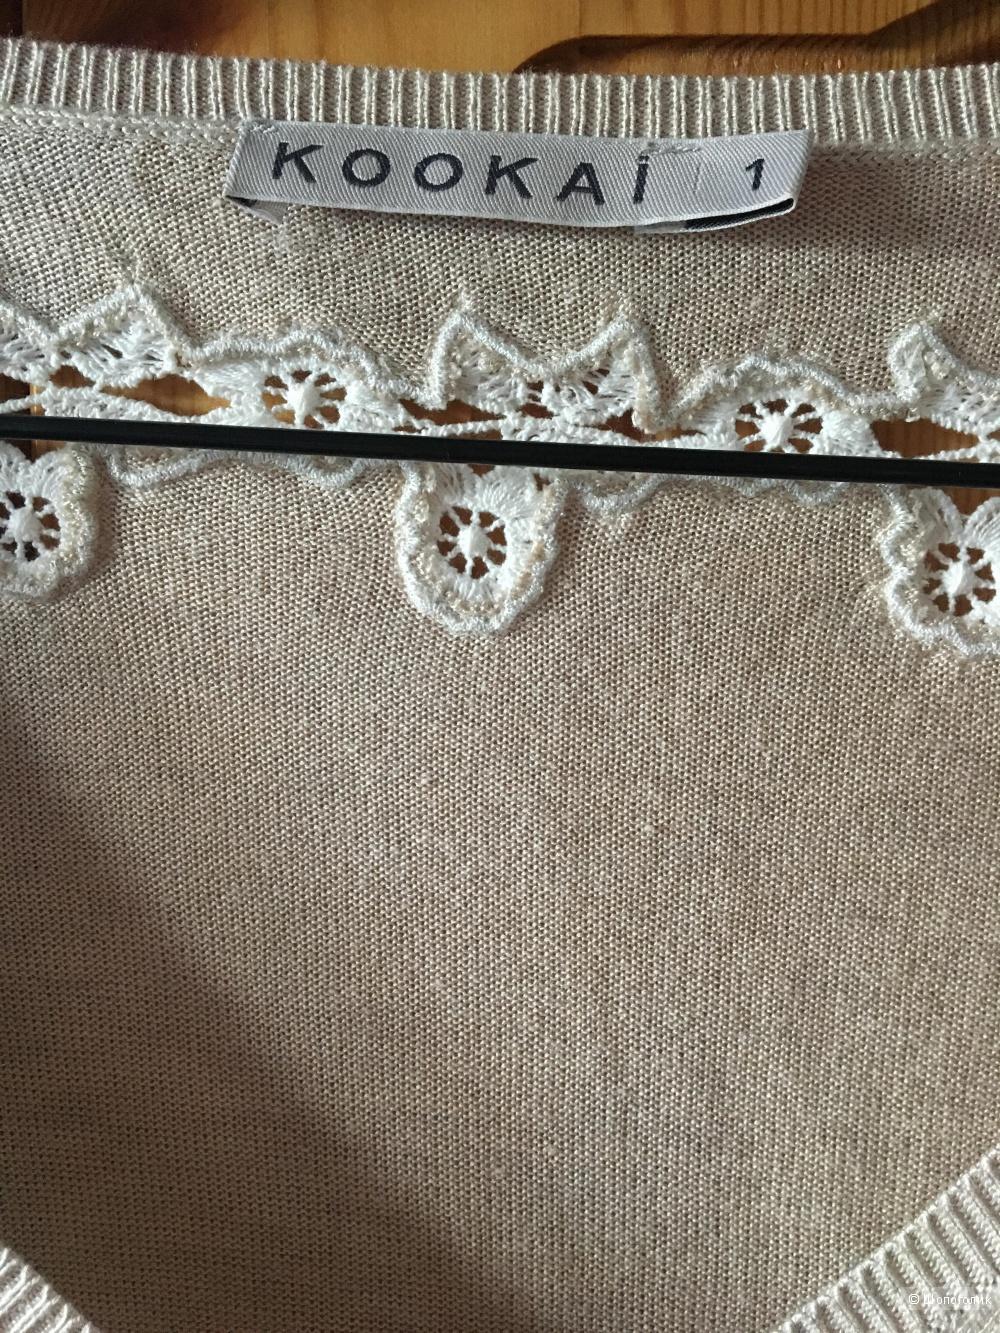 Бежевый тонкий джемпер KOOKAI, размер дизайнерский 1 (на росс.44-46)